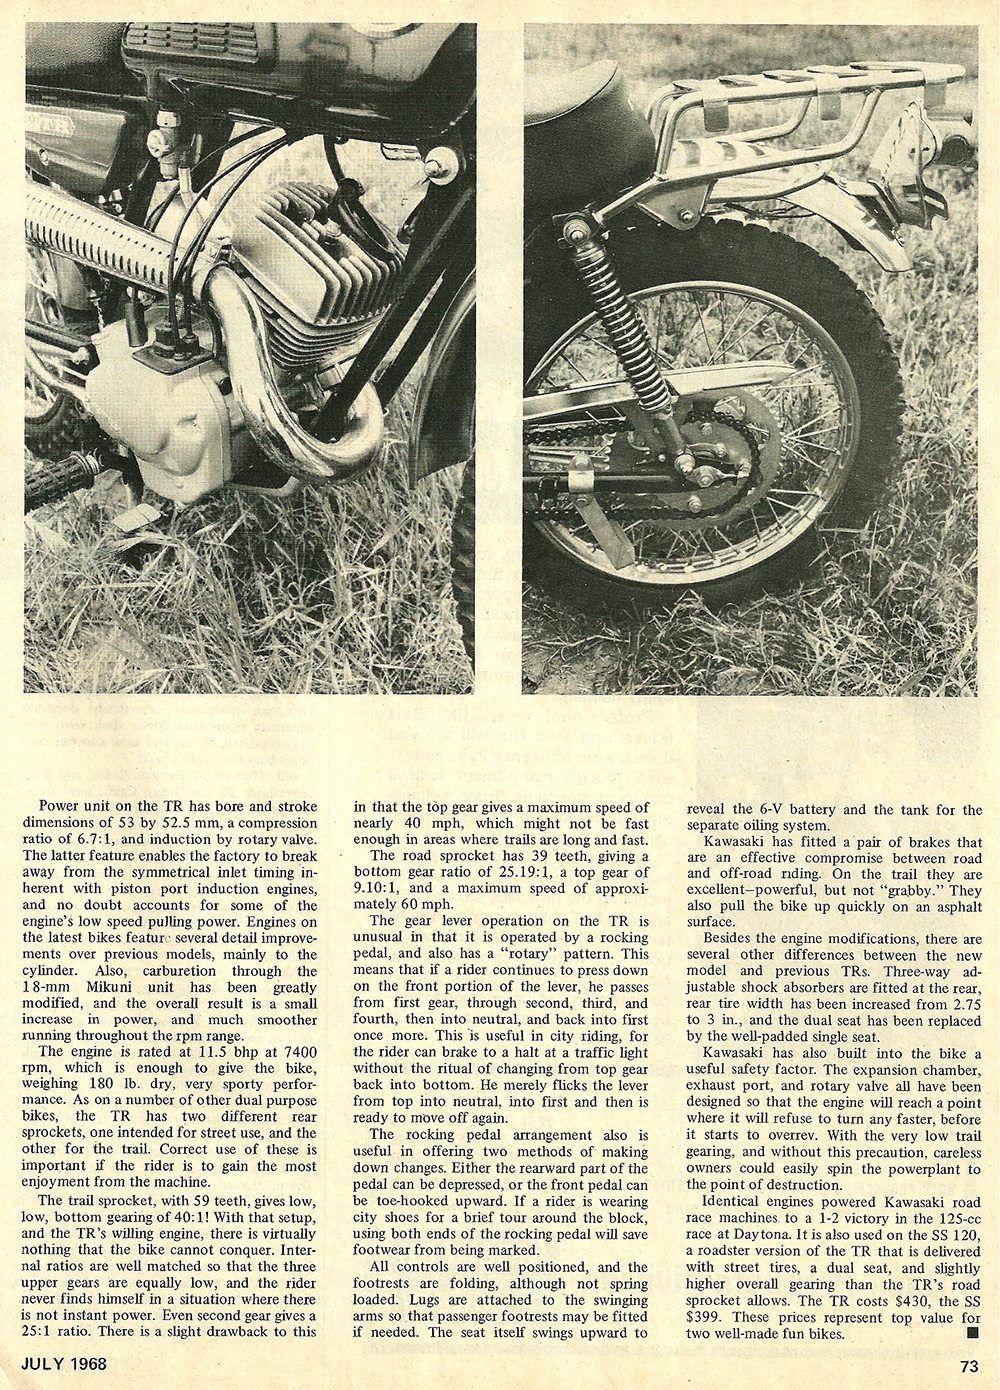 1968 Kawasaki 120 C2TR road test 02.jpg